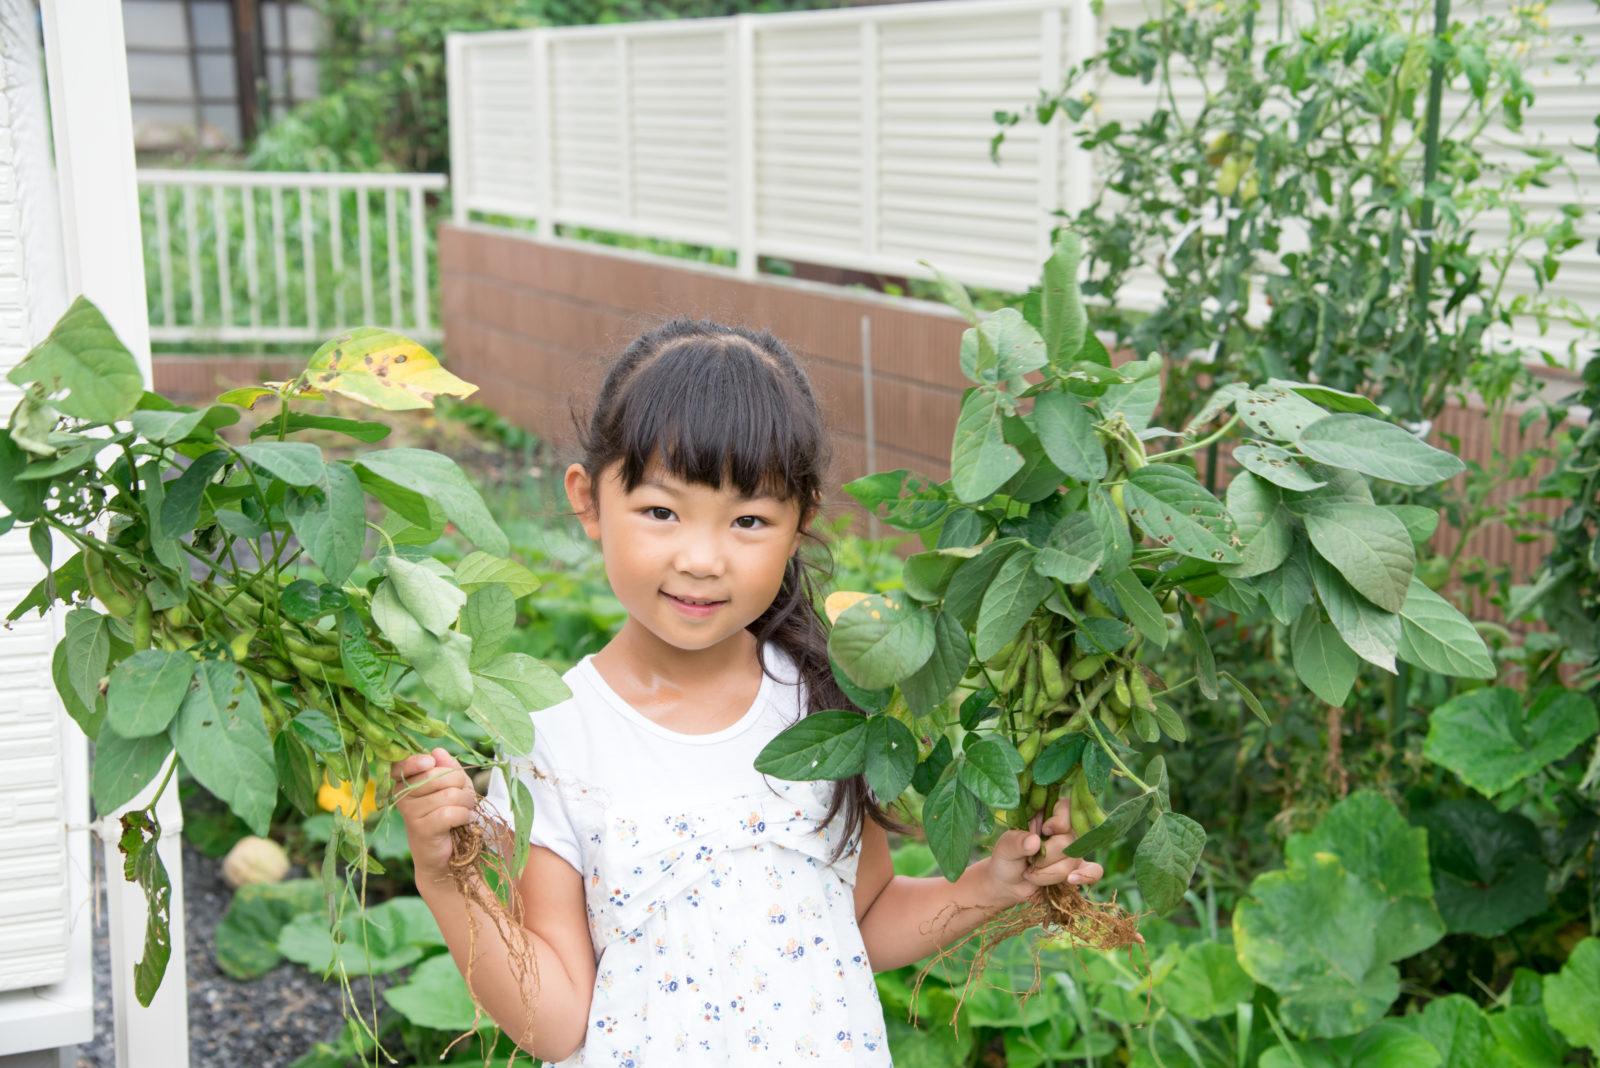 夏バテ防止!夏の風物詩「えだまめ」収穫体験&夏野菜のマルシェ